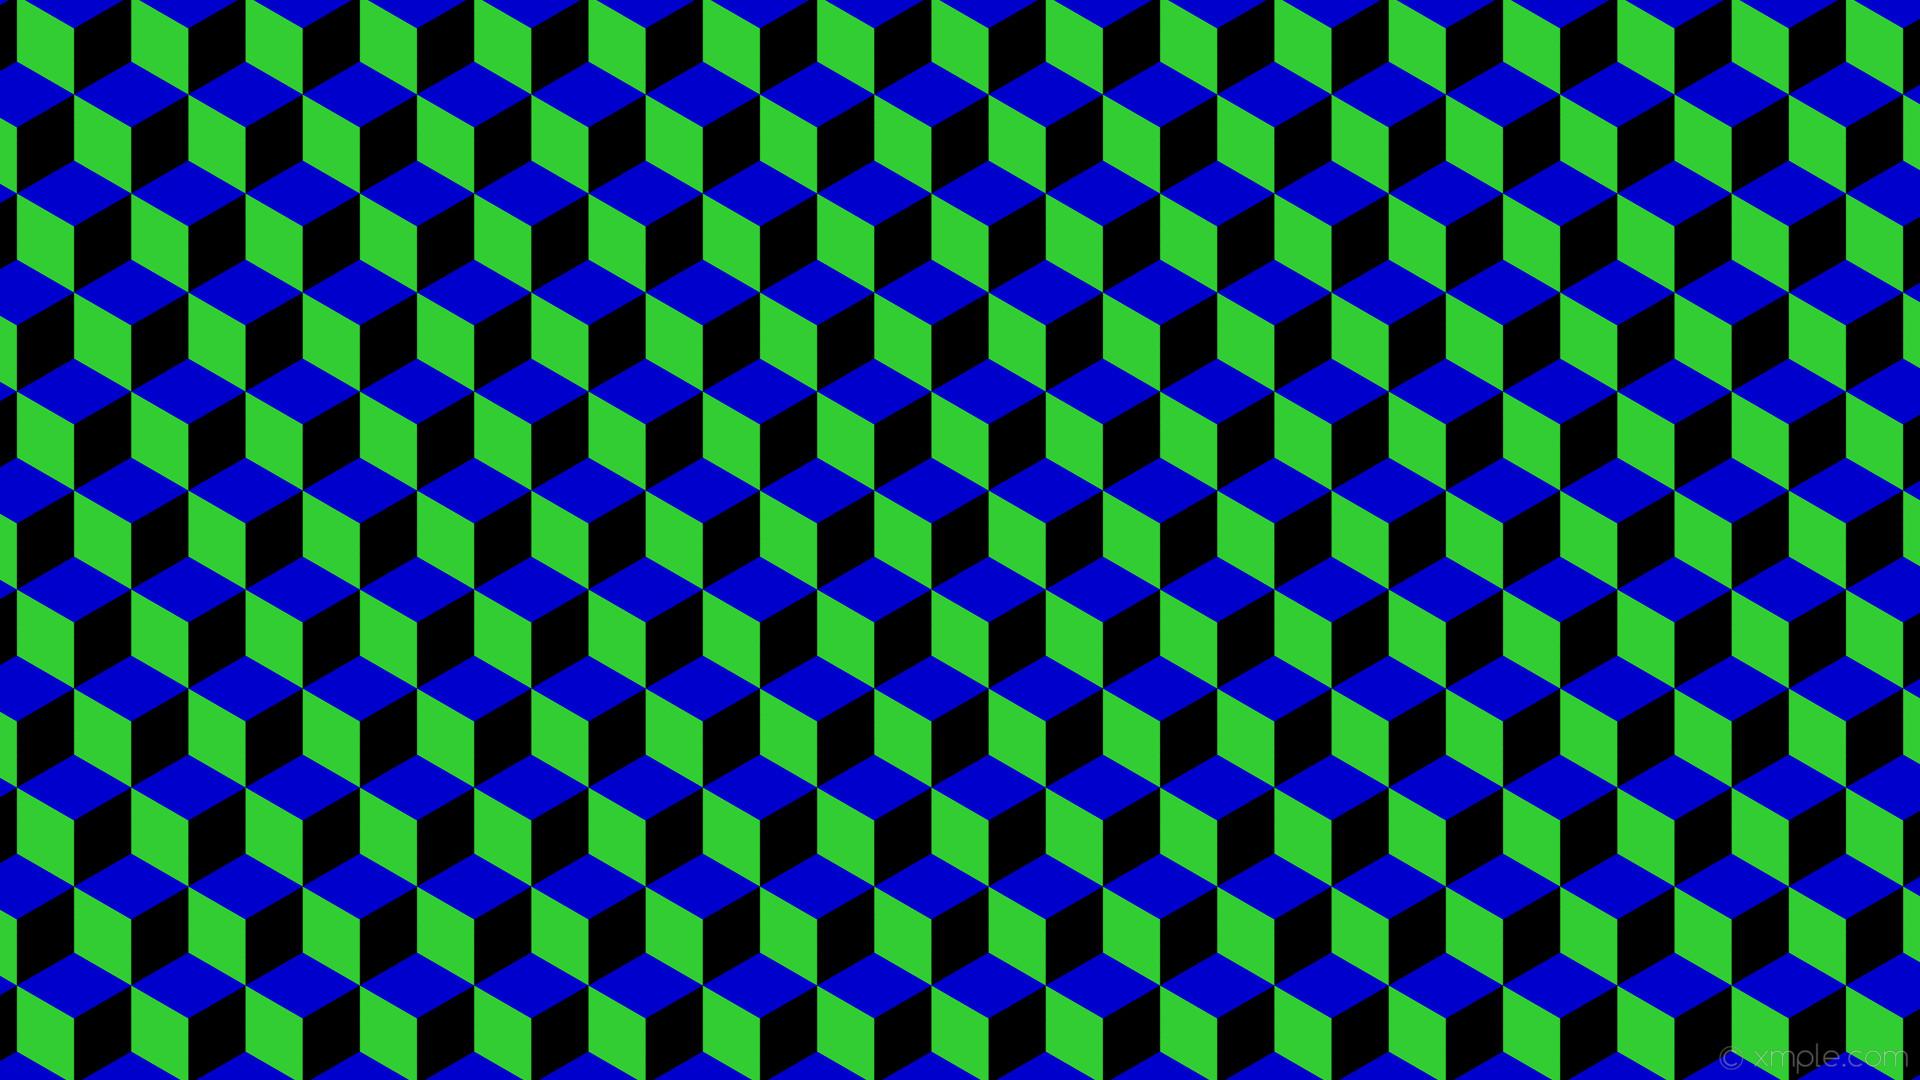 wallpaper blue 3d cubes green black medium blue lime green #000000 #0000cd  #32cd32